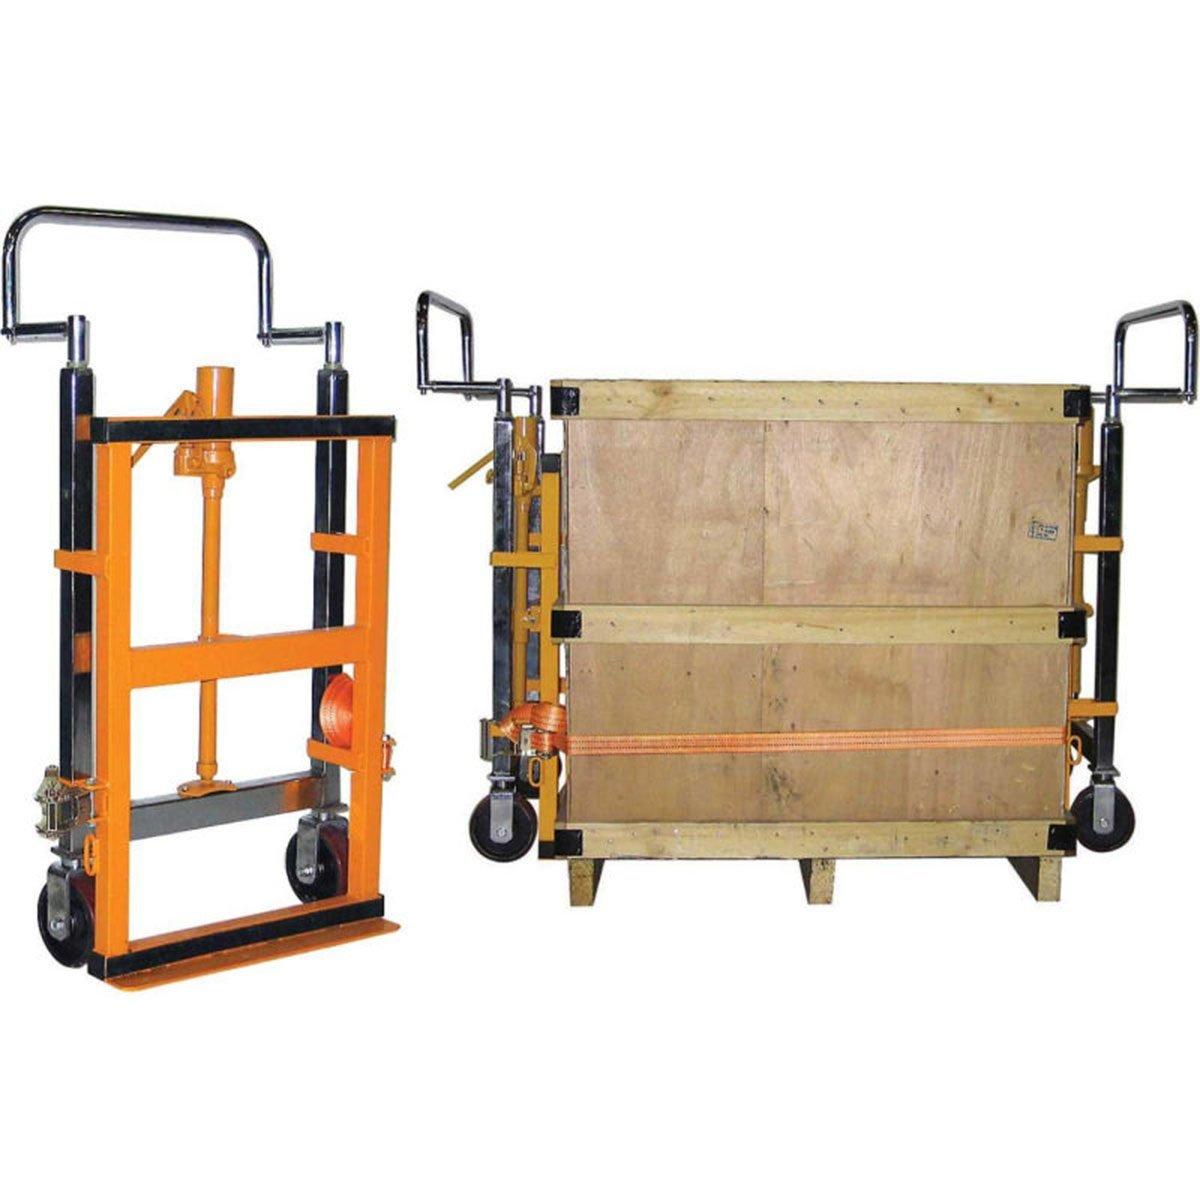 Global Industrial hydraulic dolly